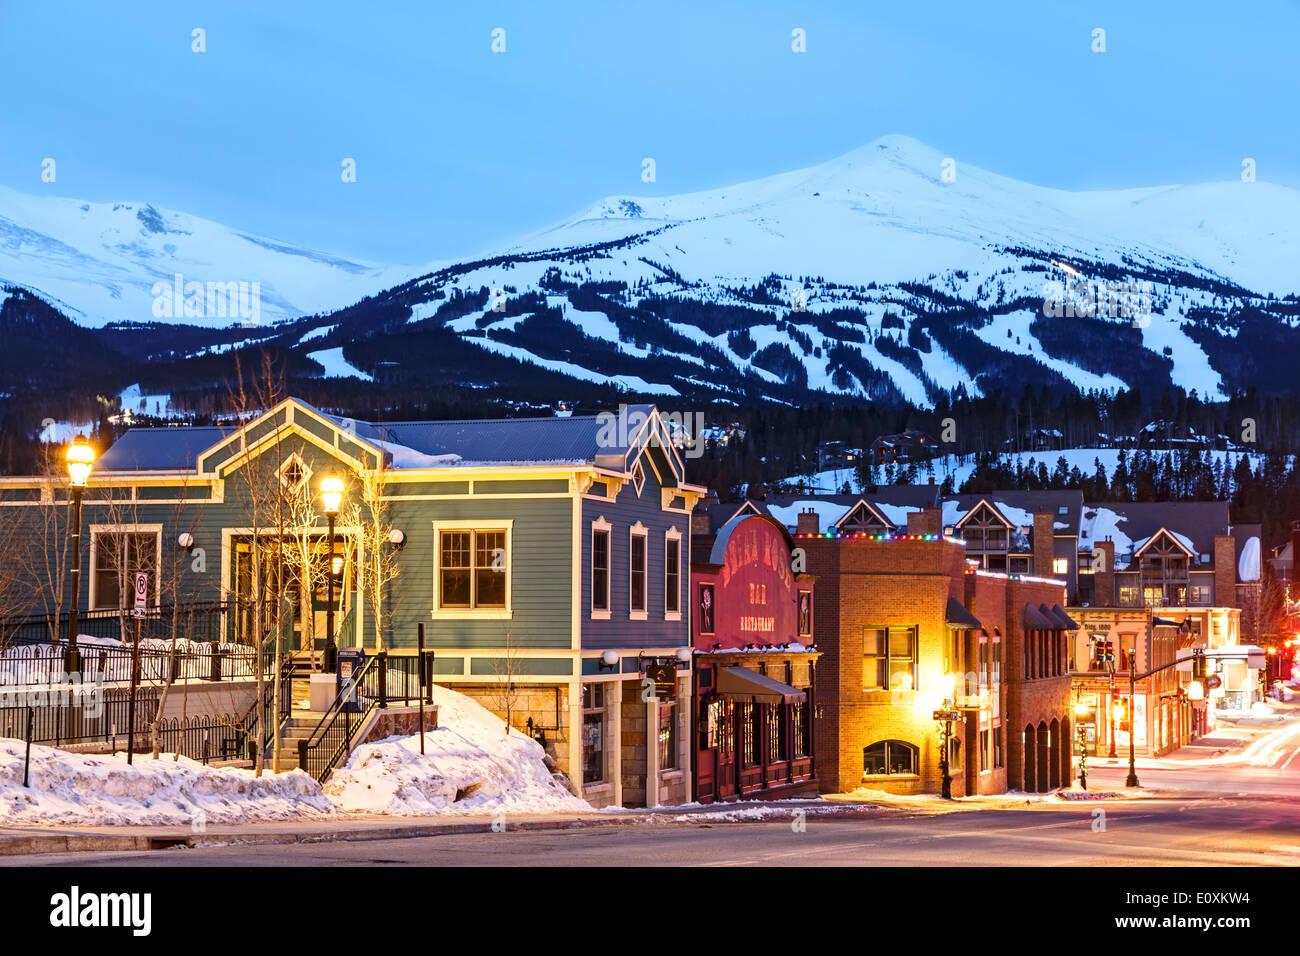 8 picos cubiertos de nieve, y el centro de la zona de esquí de Breckenridge, Colorado, EE.UU. Imagen De Stock